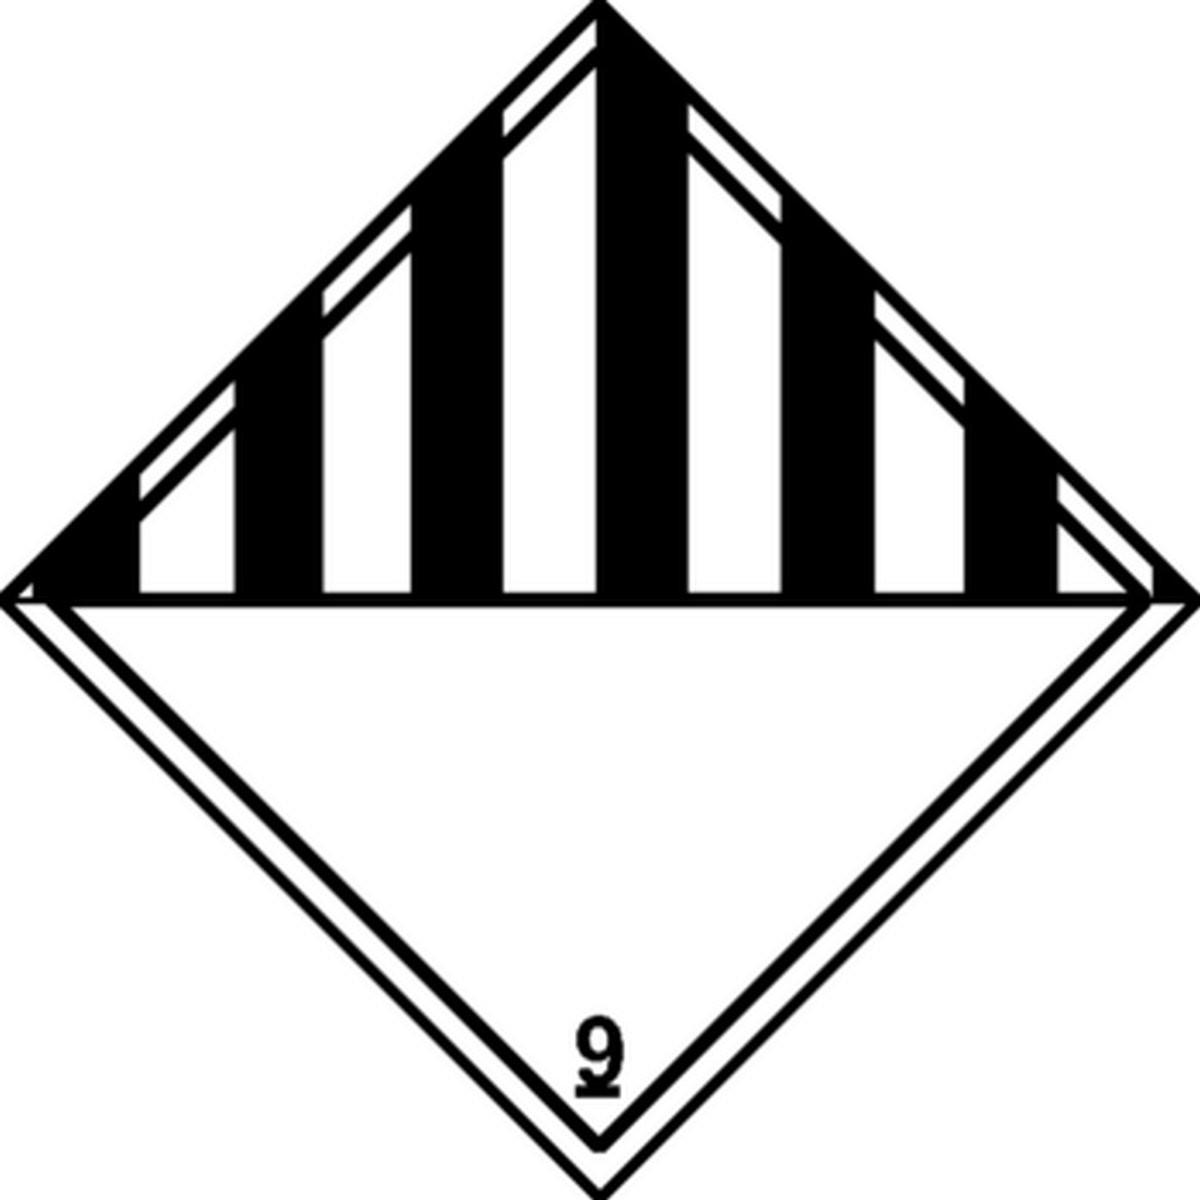 Panneau Matières et objets dangereux divers Classe 9